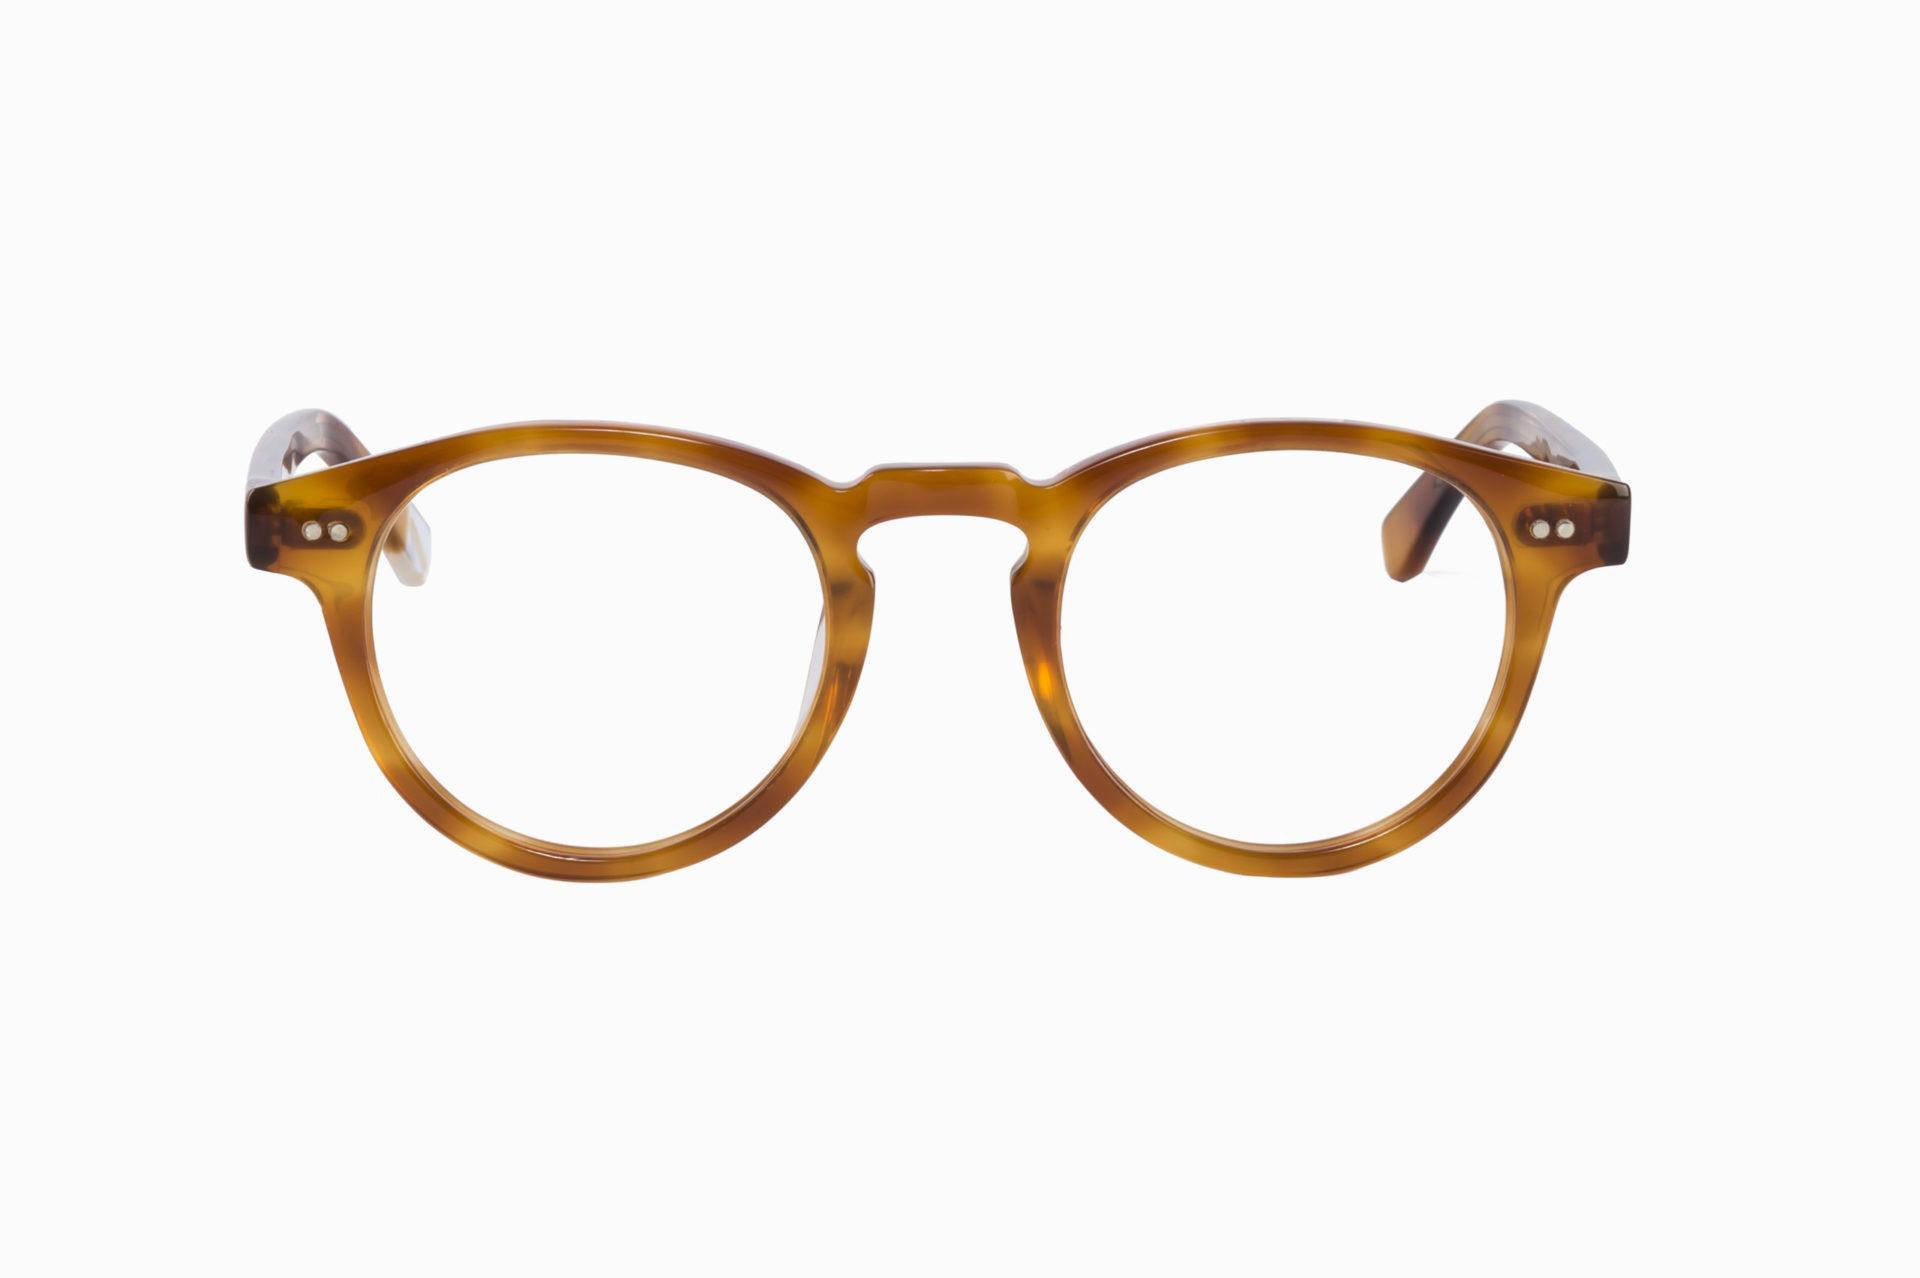 lunette face augustec8rx